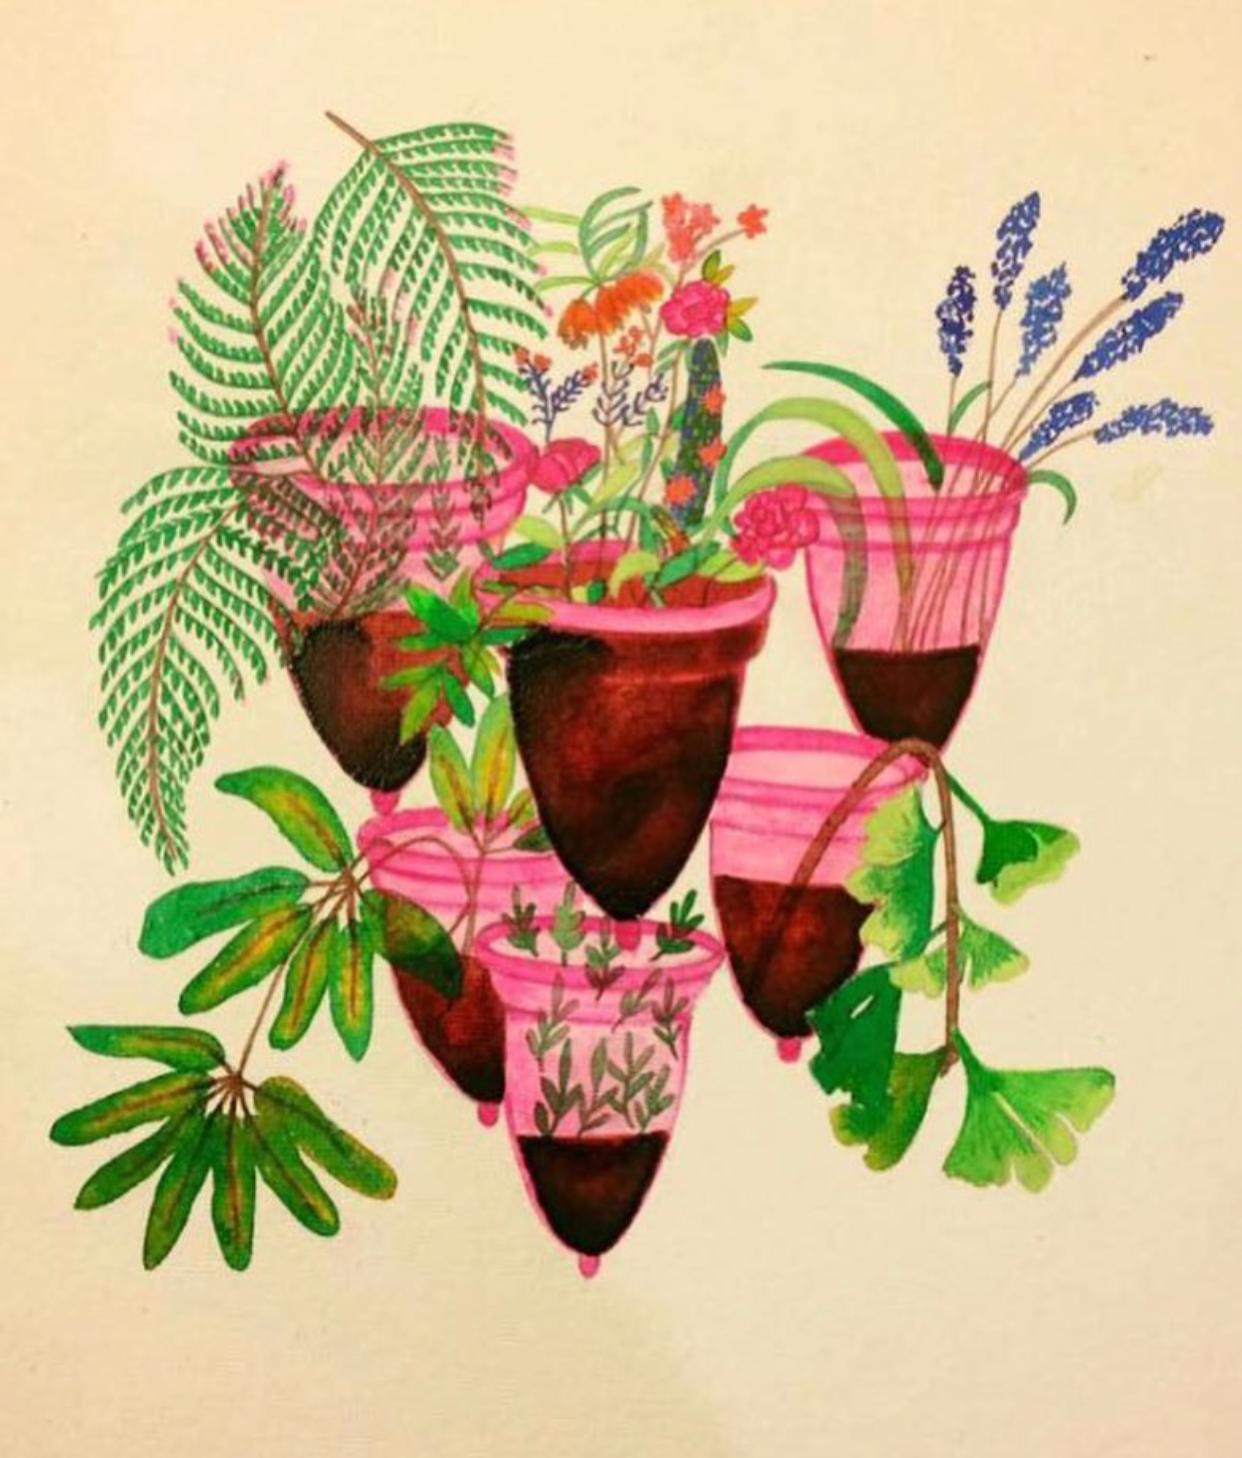 Art by Lyla Freechild